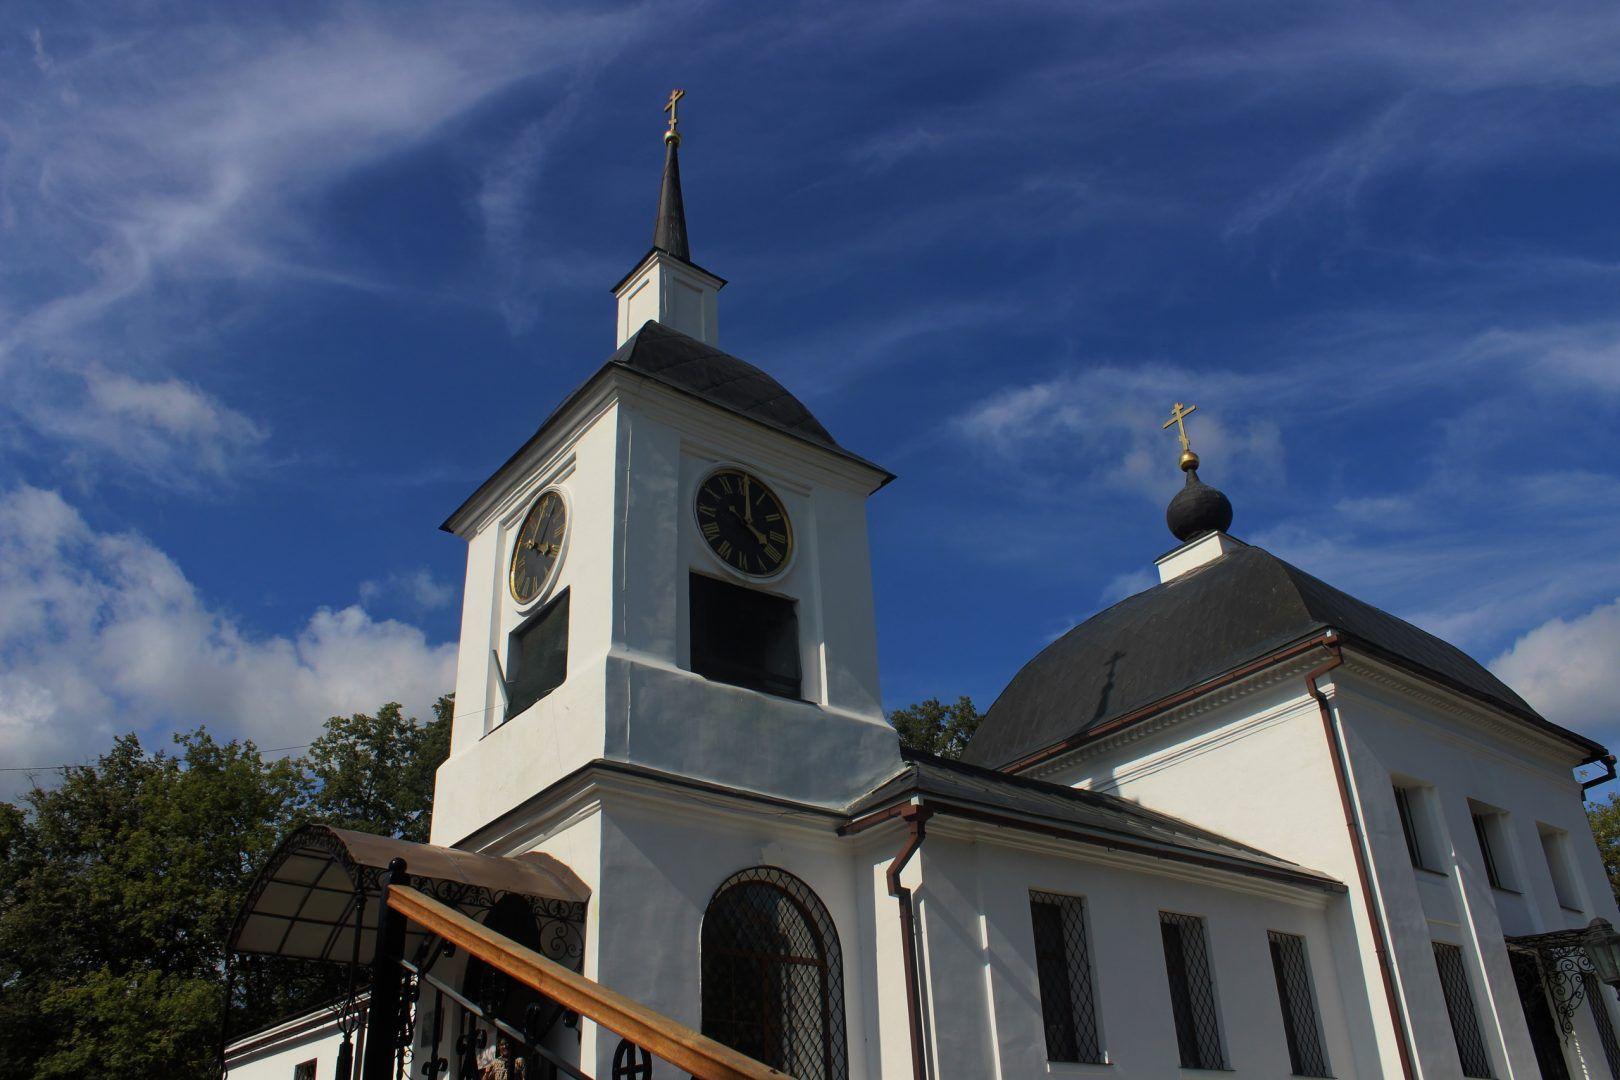 Храм Успения Пресвятой Богородицы. Фото: Кристина Дегтярева